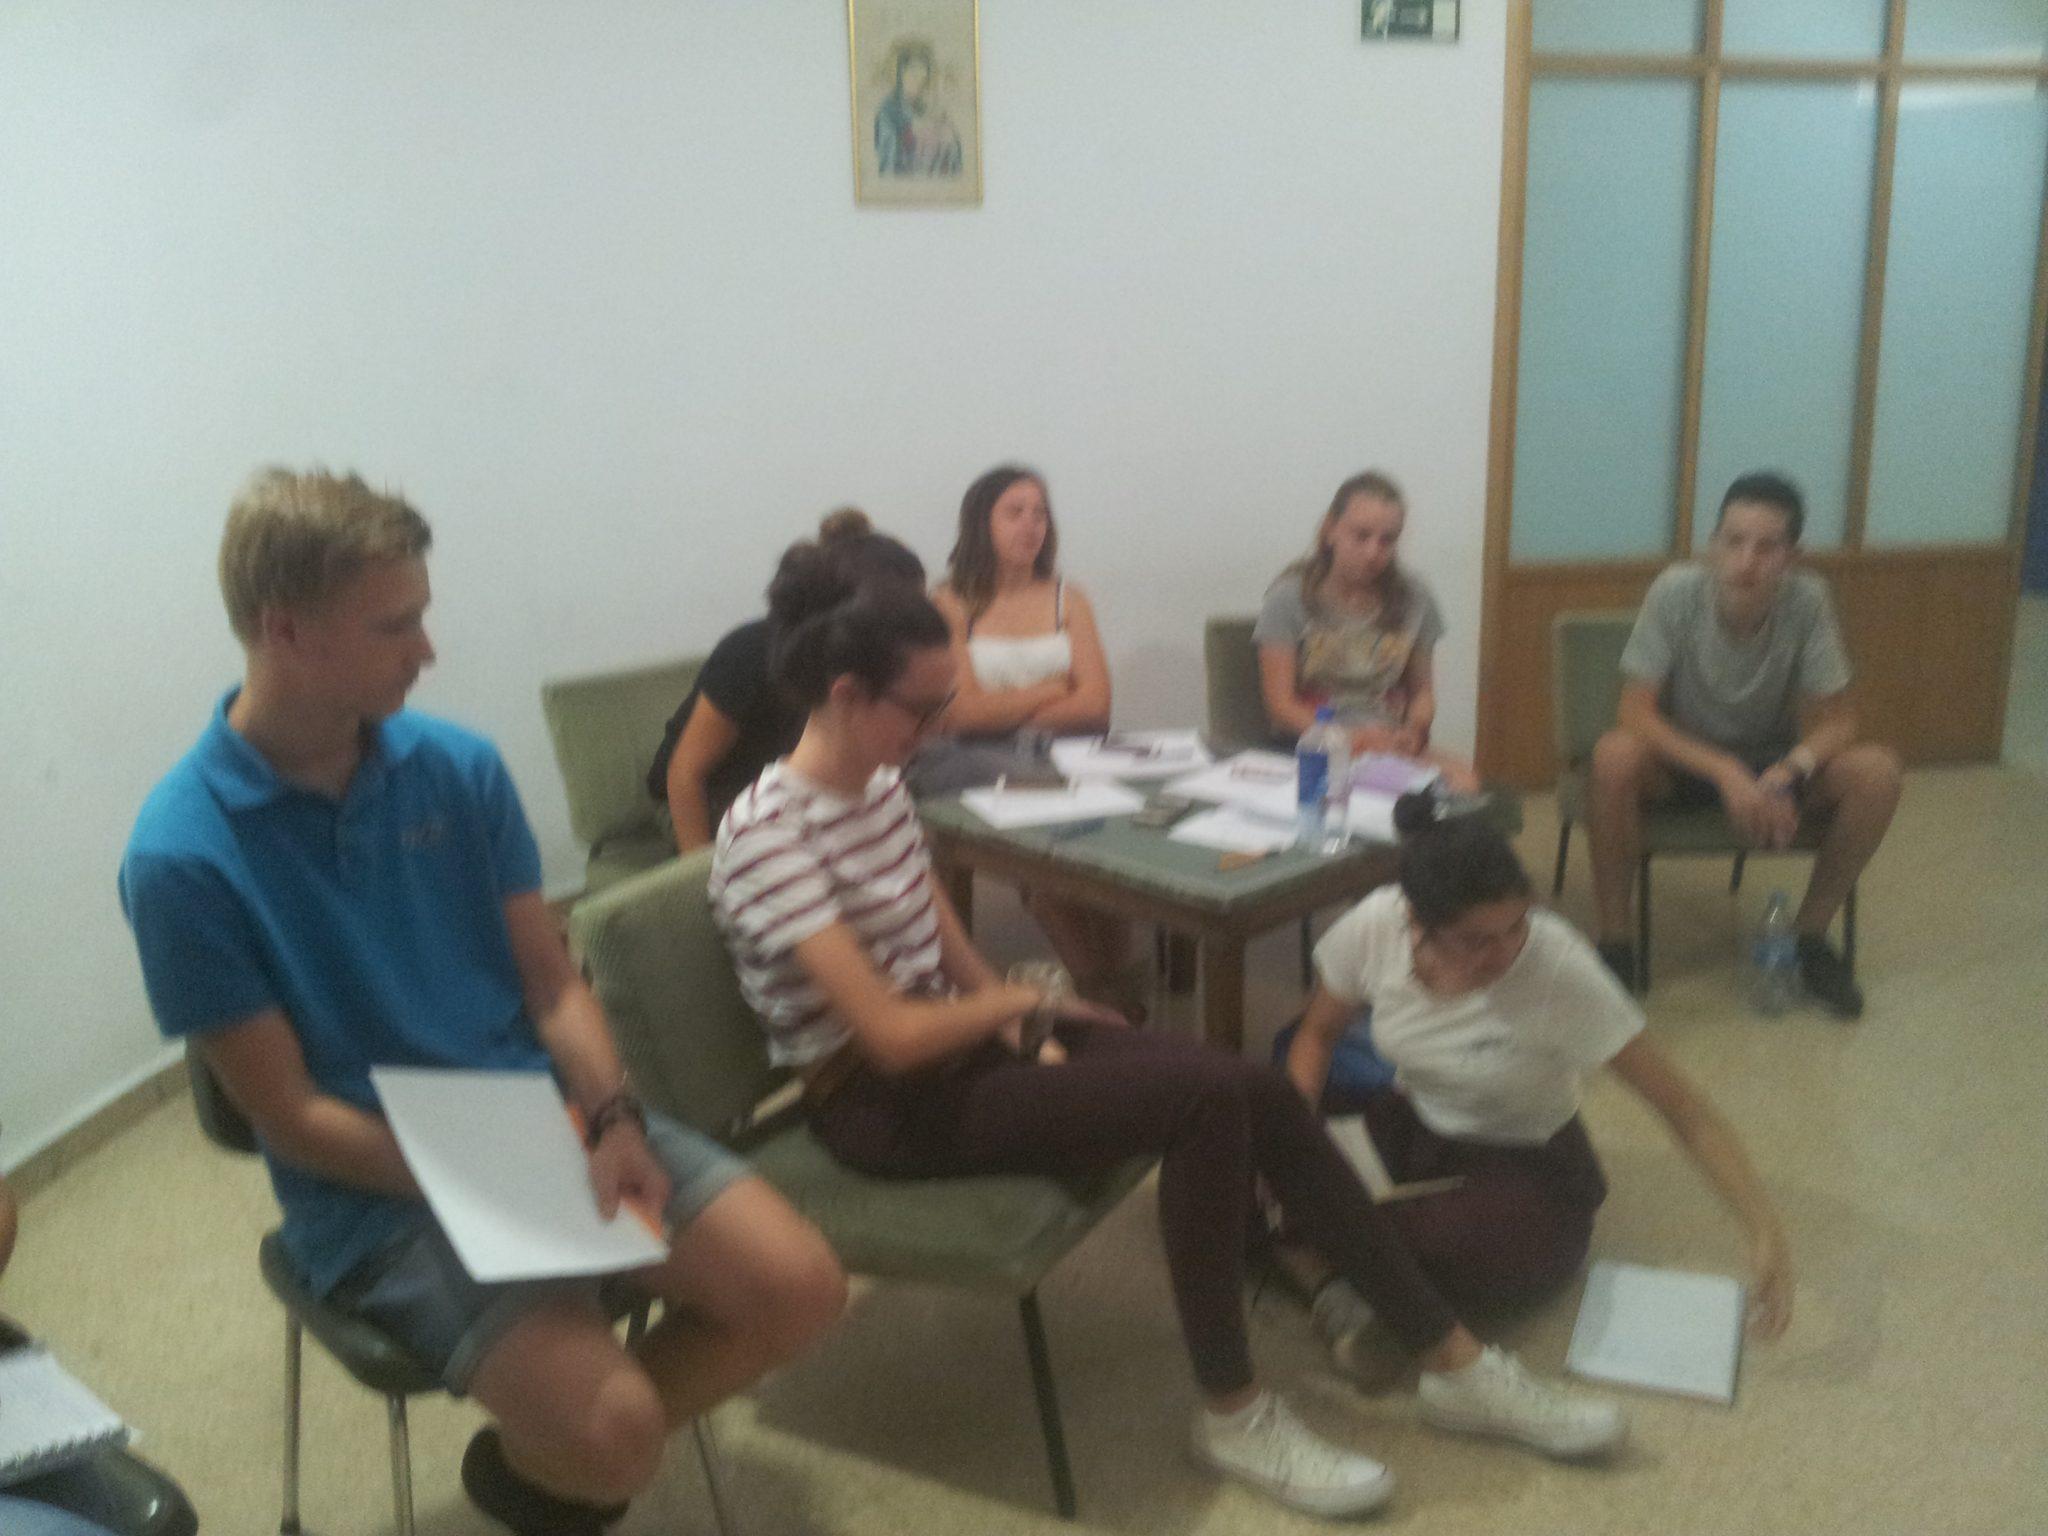 clases con el programa ofical de la comunidad de MAdrid del curso de MOTL